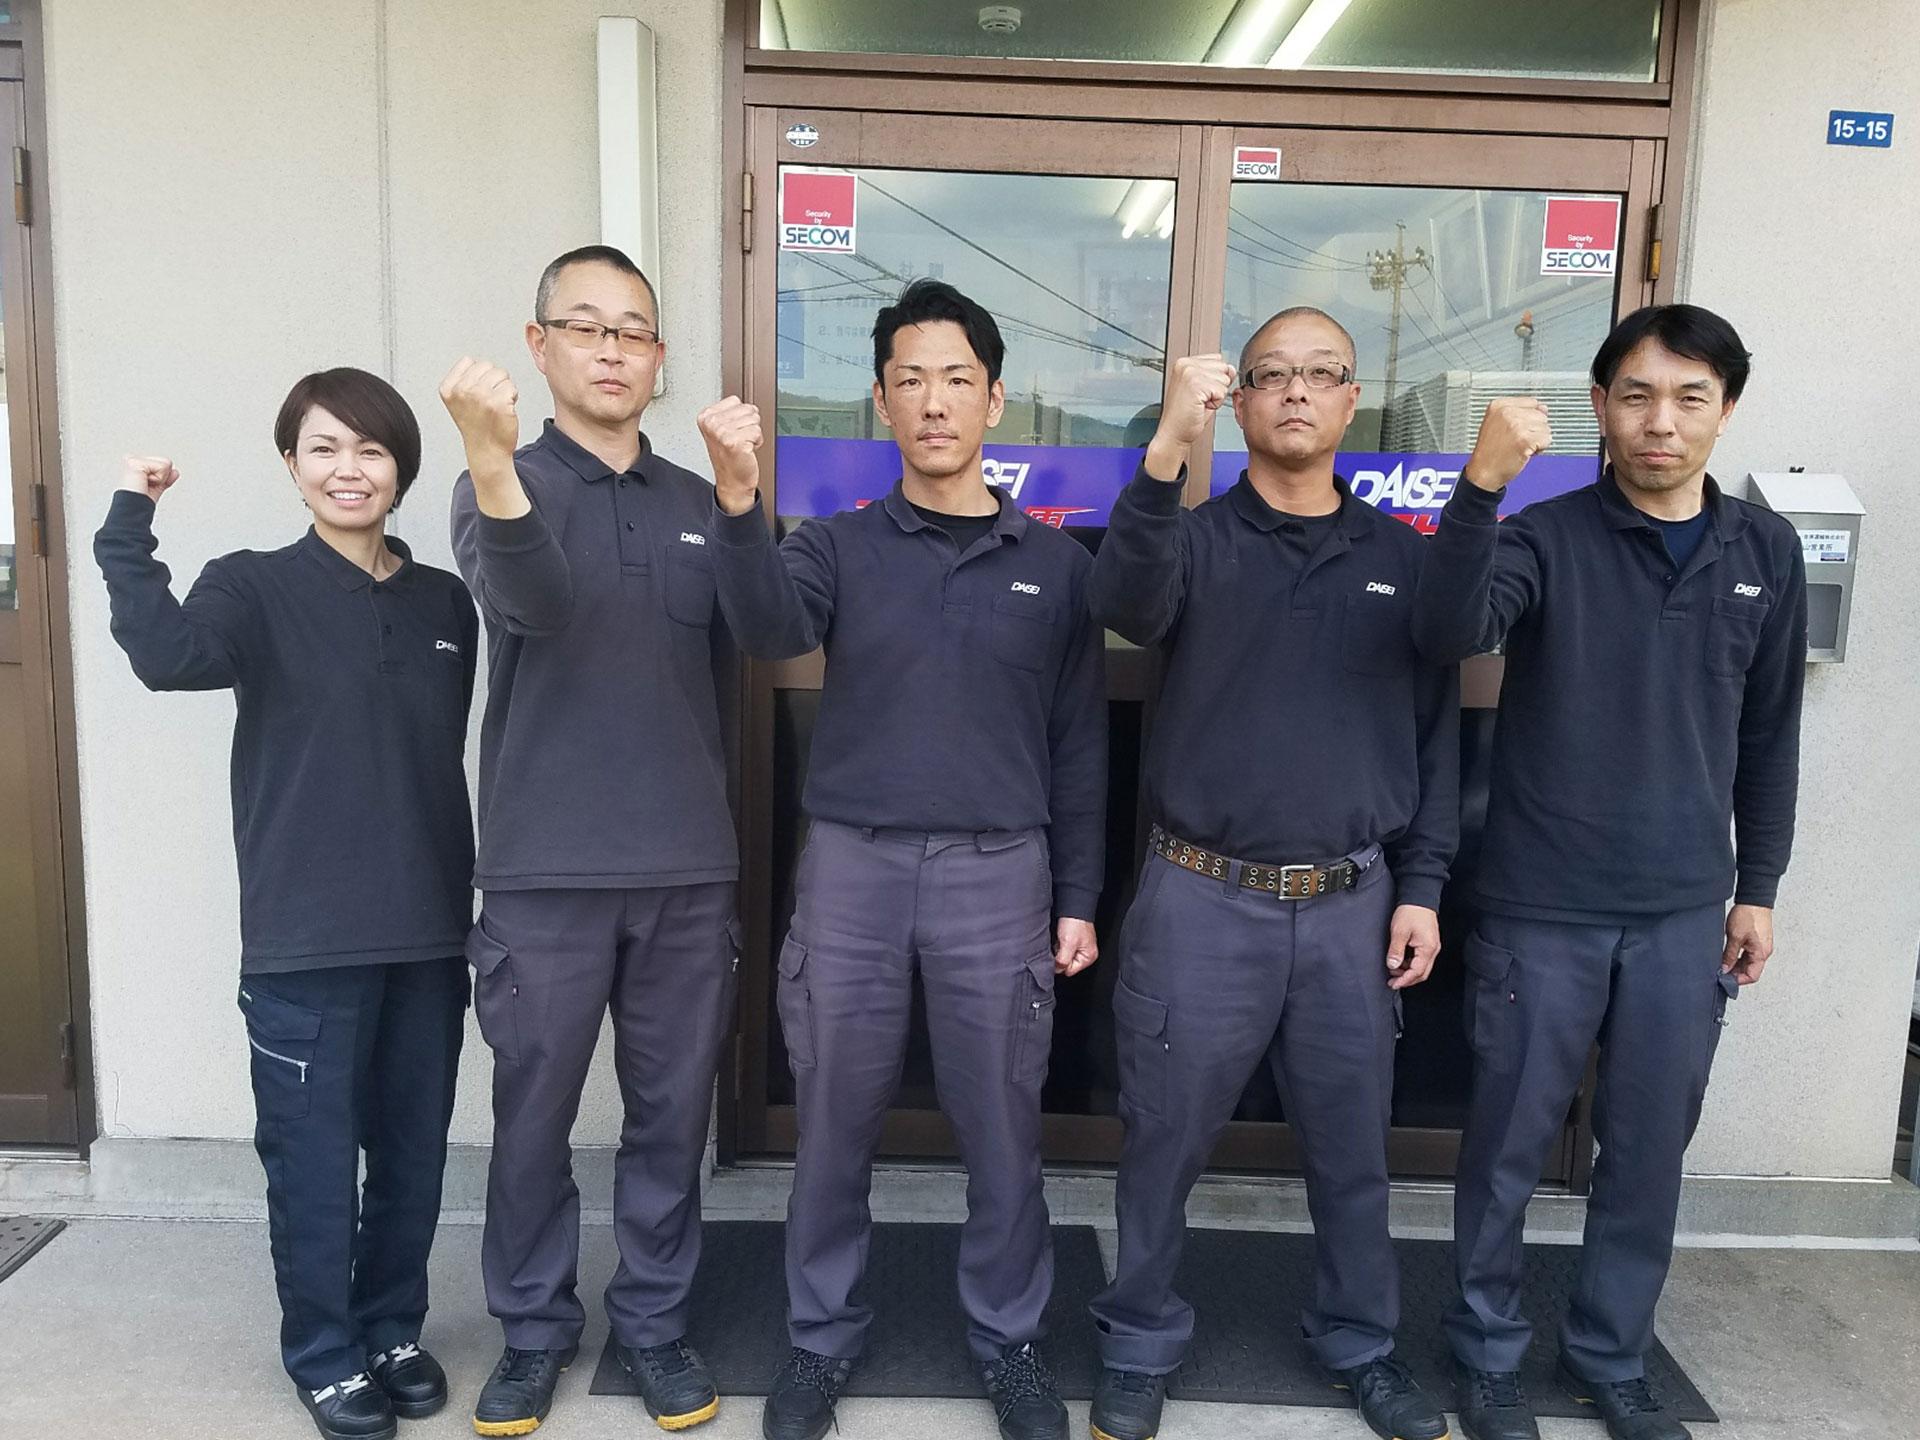 岡山営業所写真